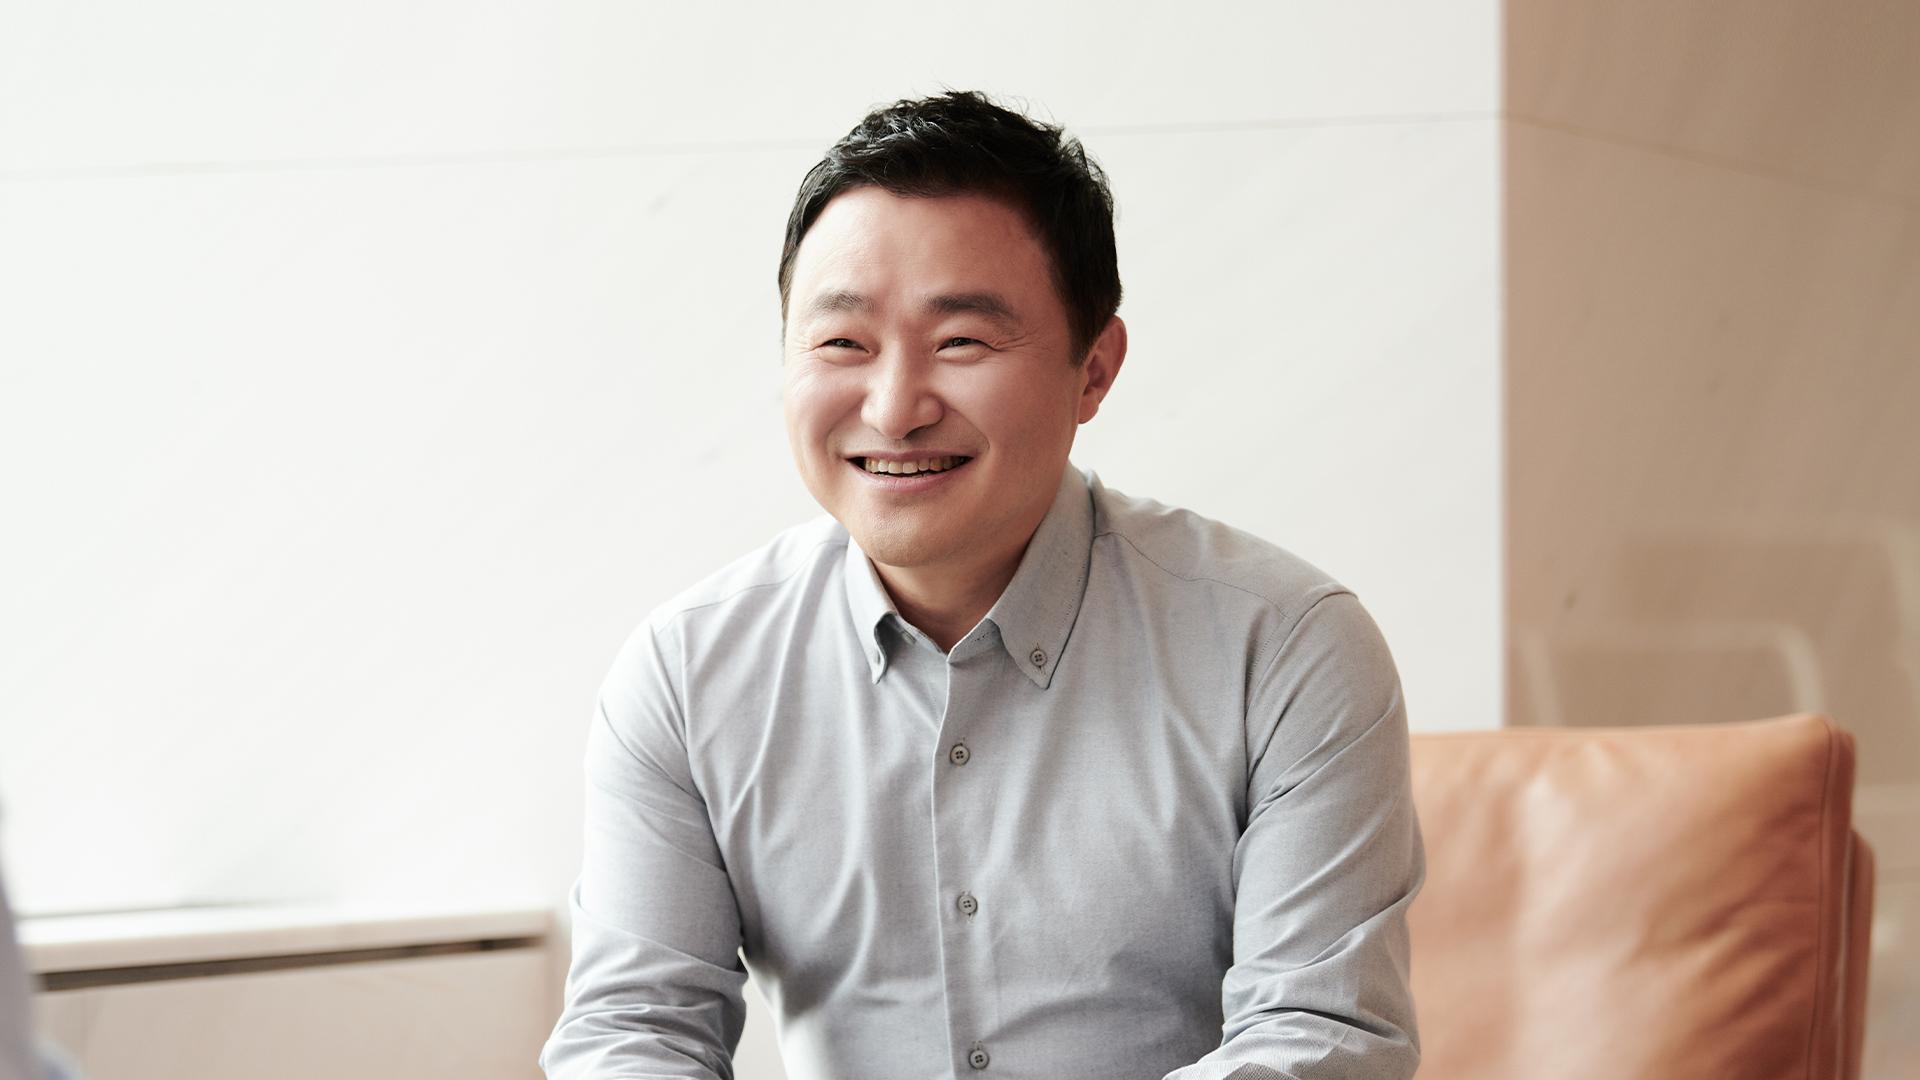 Thiếu chip, sếp tổng Samsung lặn lội sang Mỹ để xin mua thêm nhưng bị từ chối - Ảnh 1.